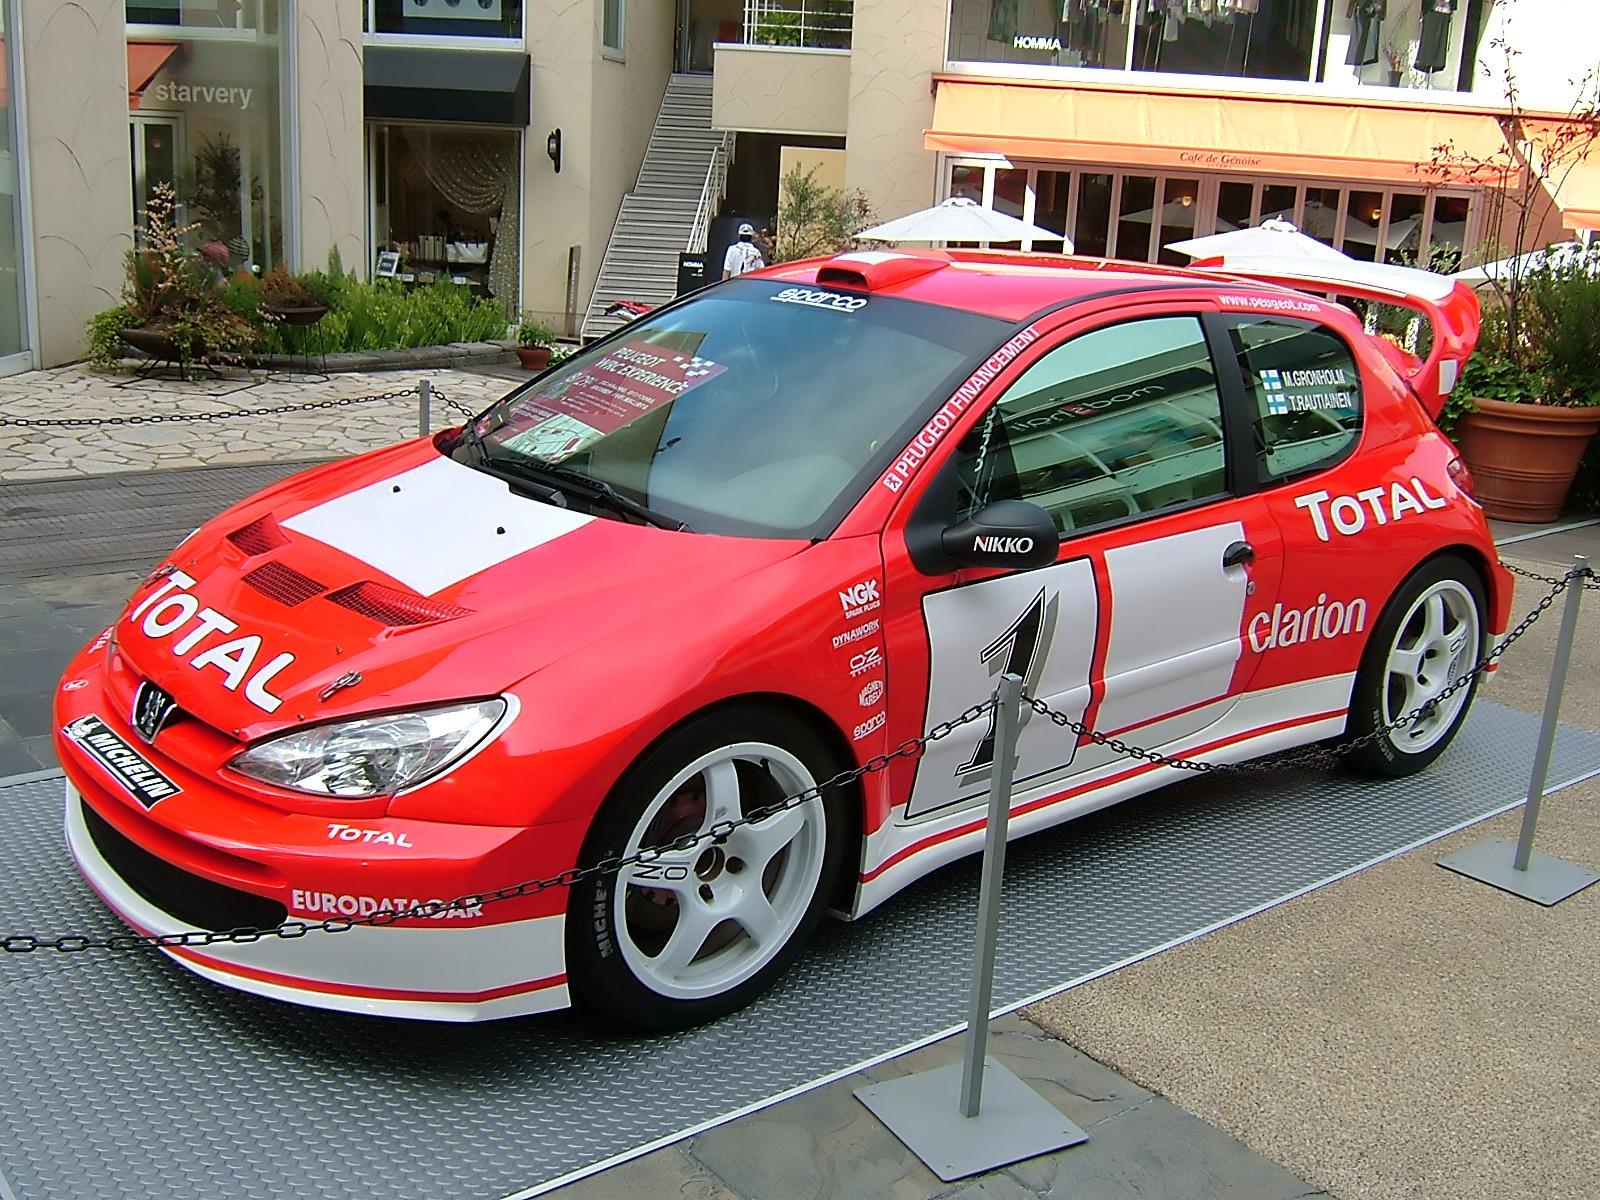 Peugeot_206_WRC_-_Side_view.jpg